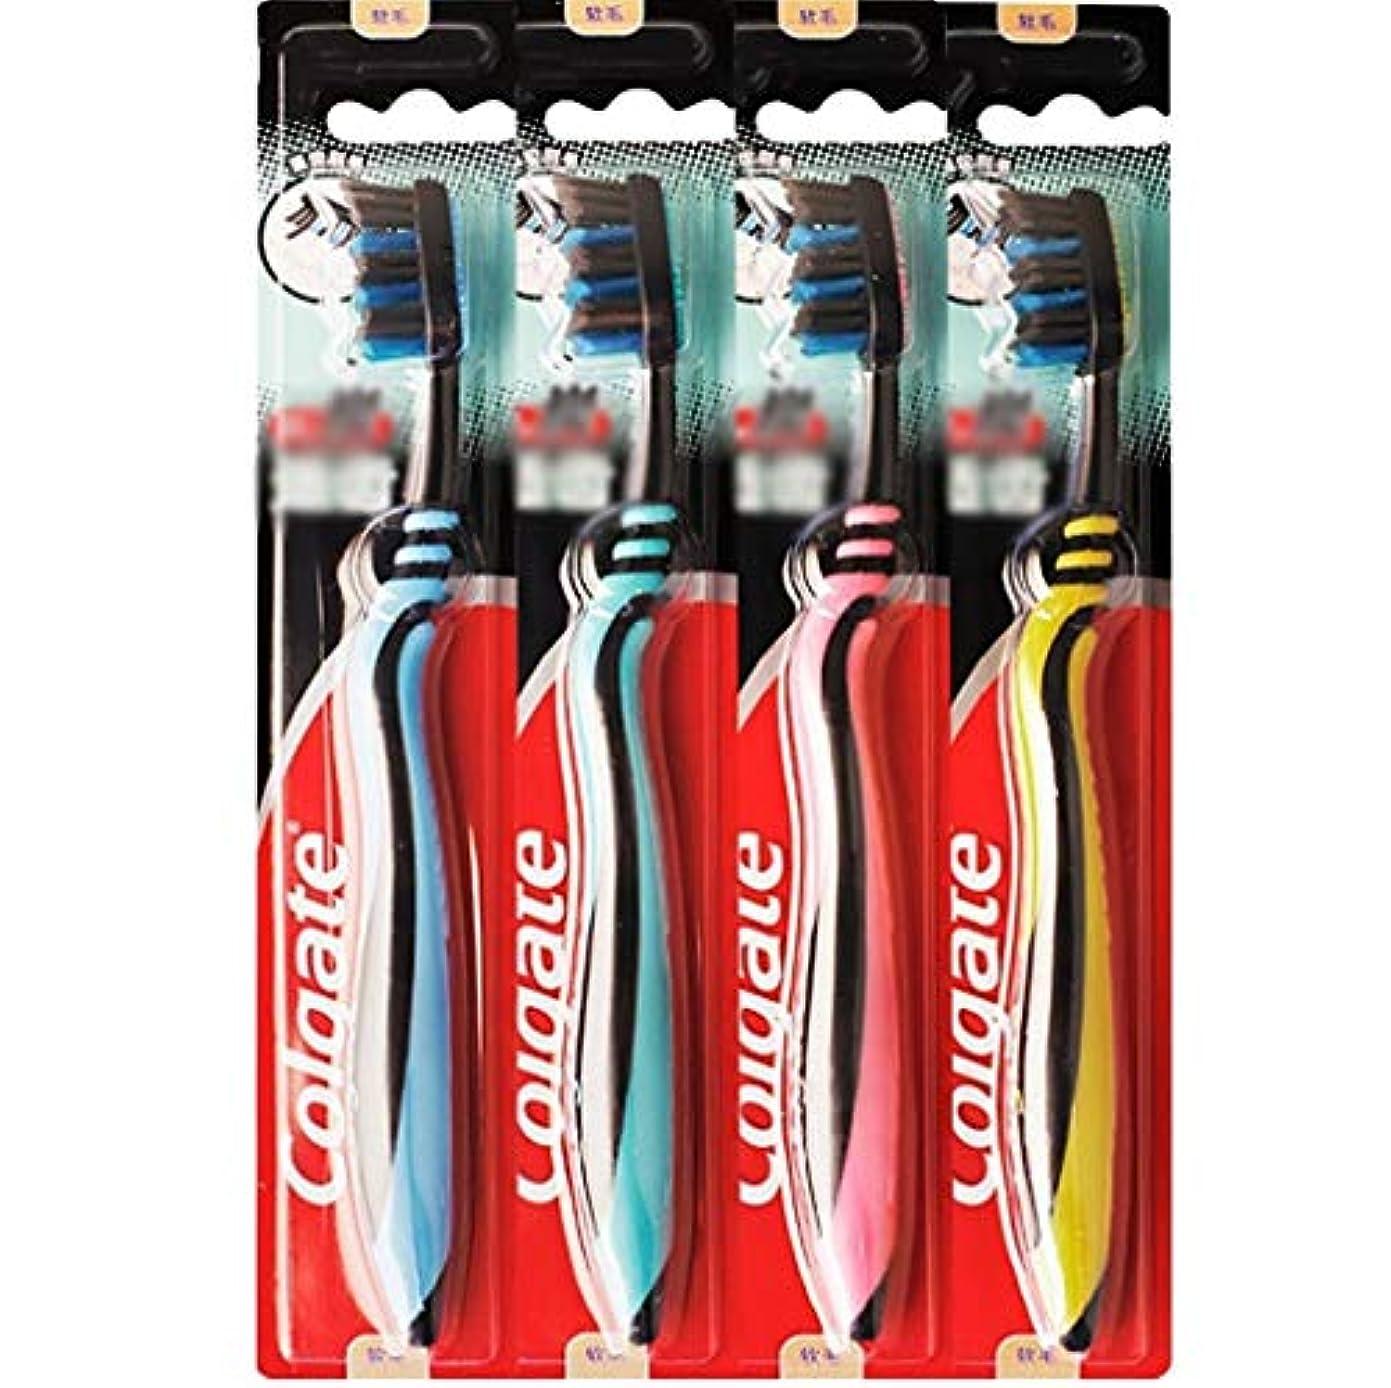 力学逃げる半球歯ブラシ 歯の深いクリーニングに適した歯ブラシ、カーボンブラック柔らかい歯ブラシ、4本のスティック HL (色 : A)